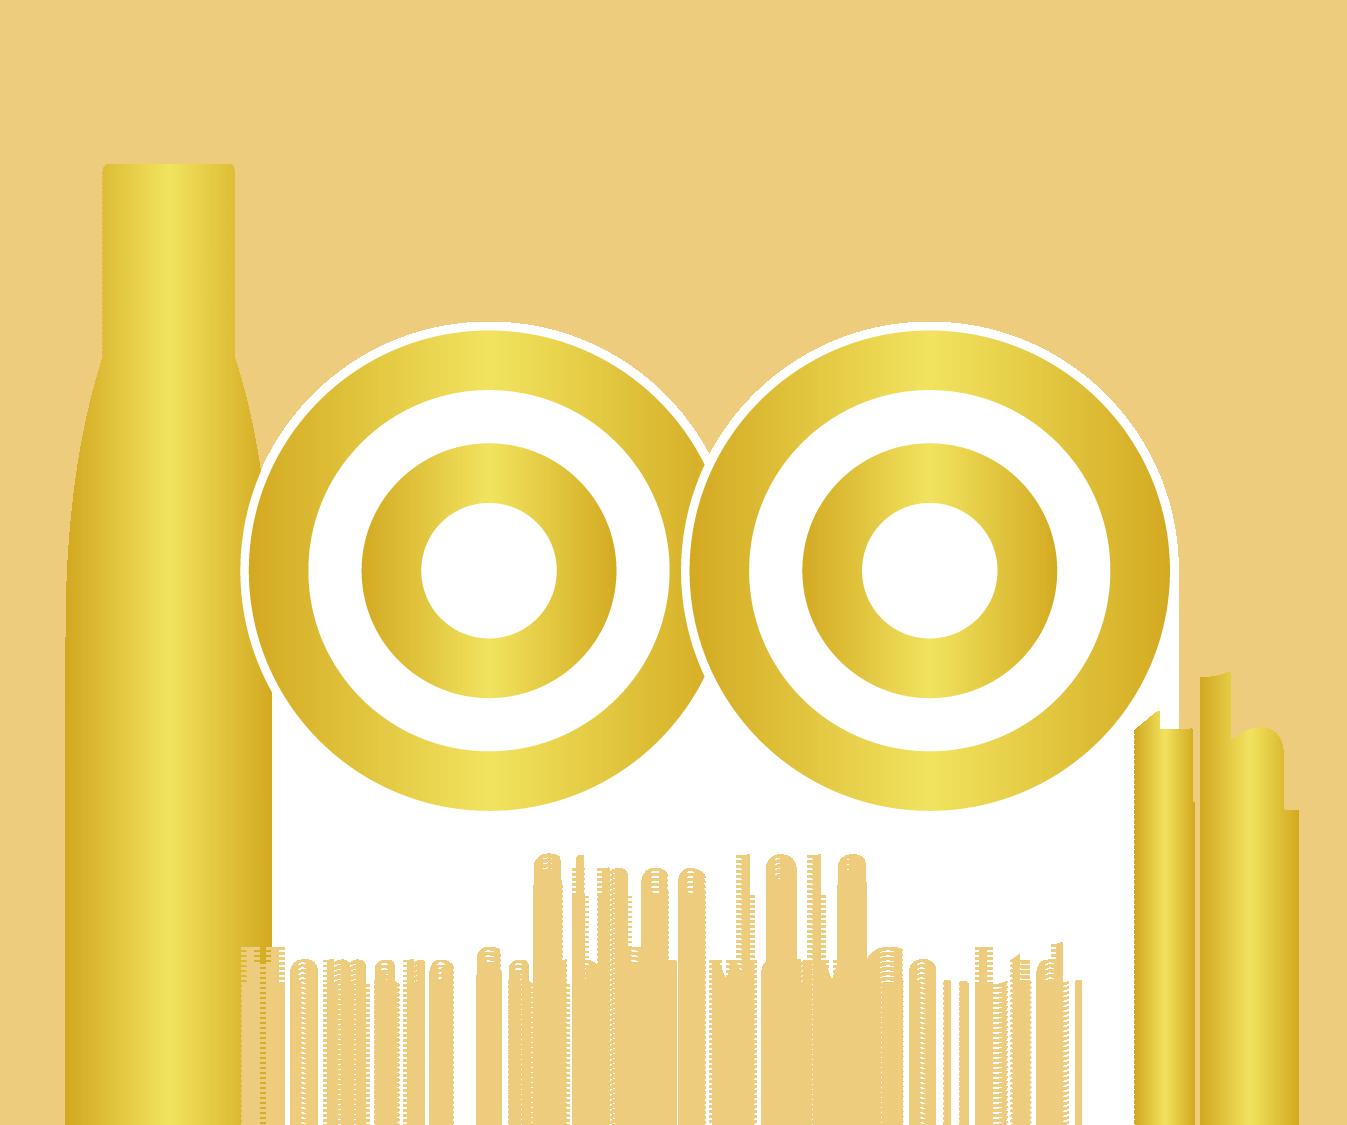 ほまれ酒造の100周年ロゴ